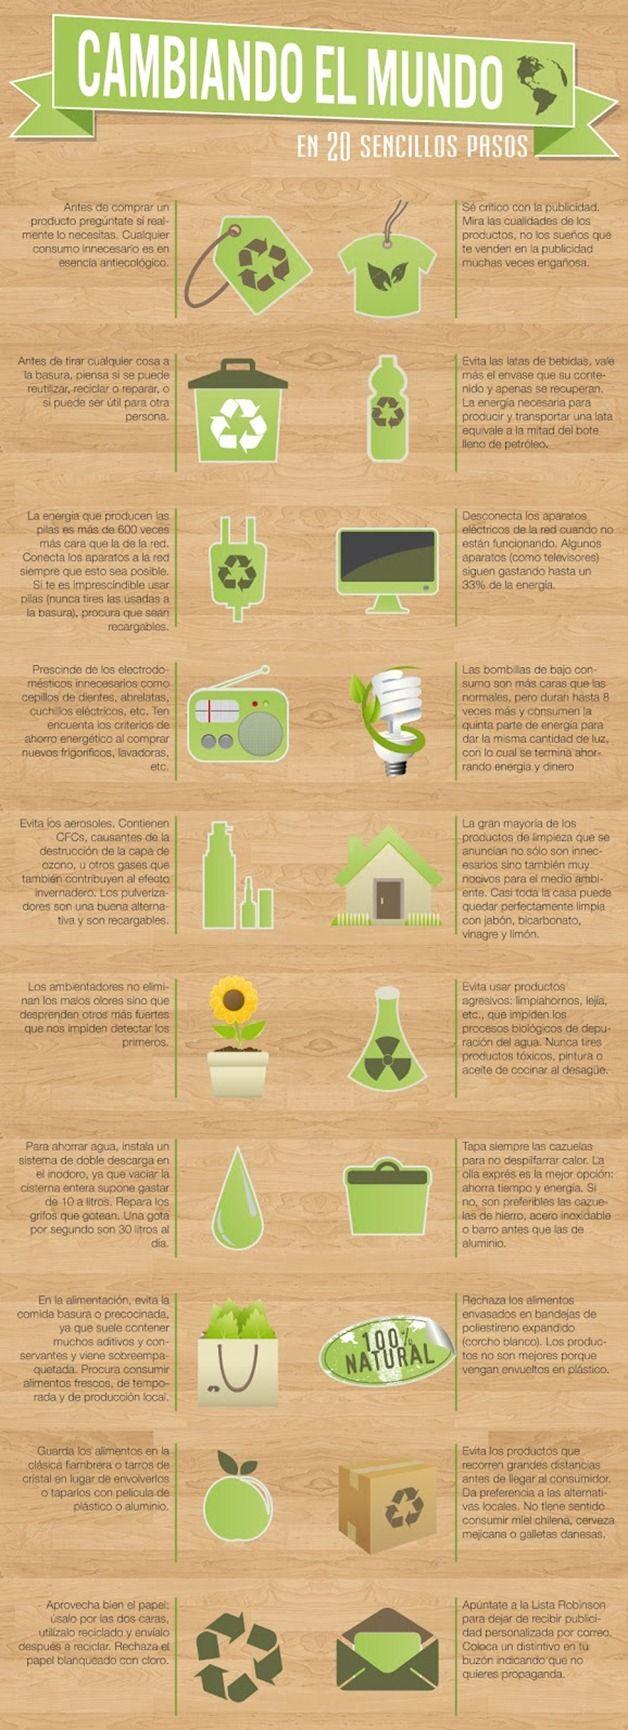 medio ambiente Cómo cambiar el mundo en 20 sencillos pasos #infografía